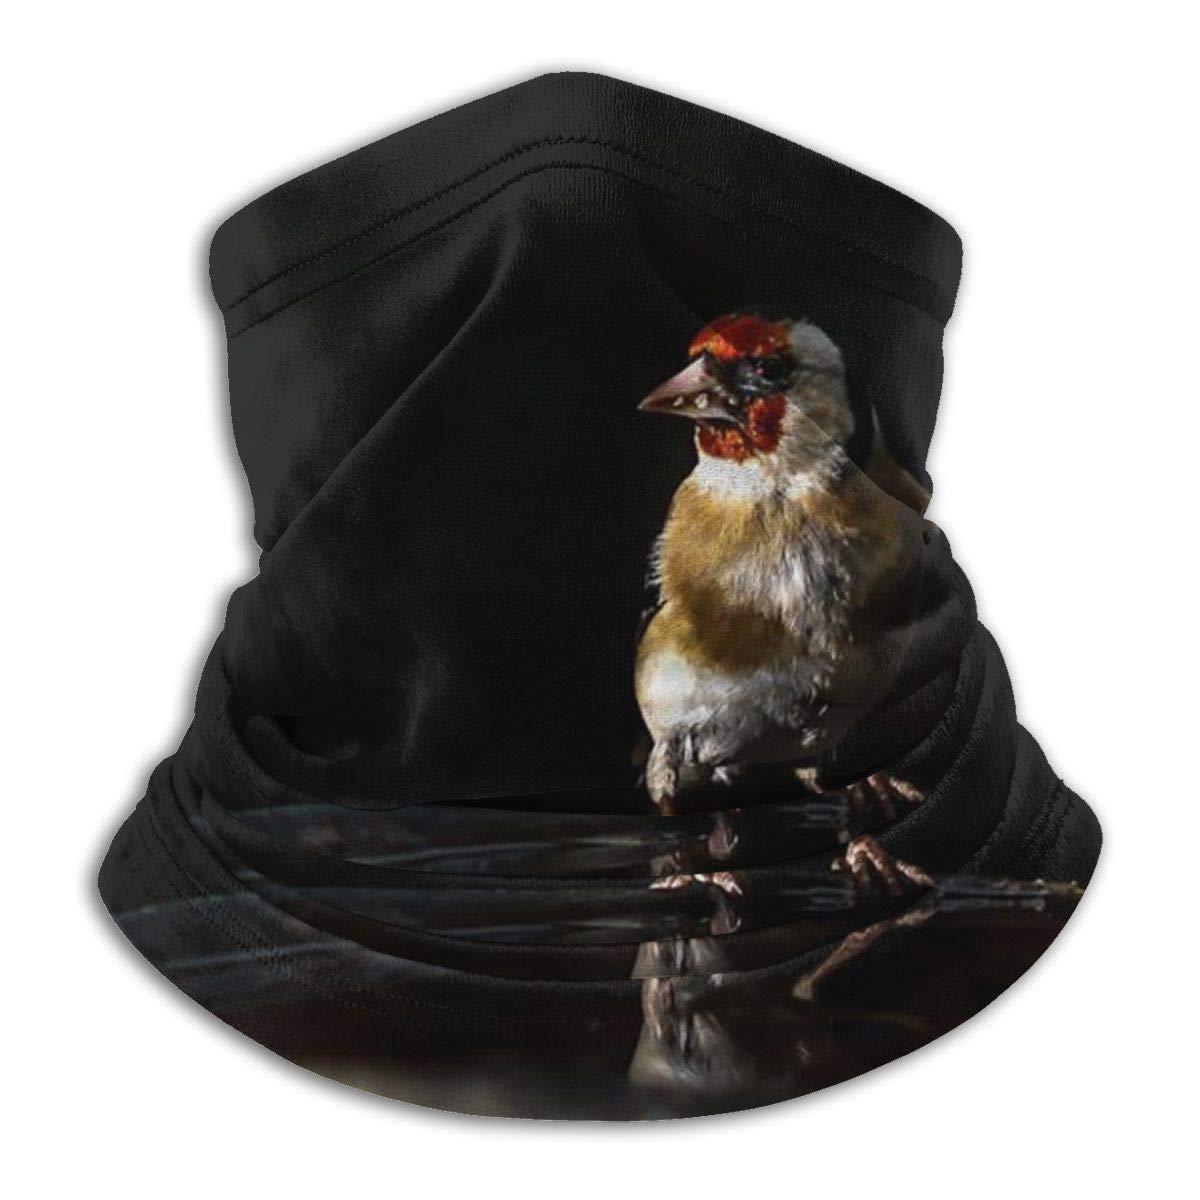 Timdle Scaldacollo in Pile Ghetta Cardellino Appollaiato su Un Bagno di Uccelli Morbido Copricapo in Microfibra Sciarpa facciale Maschera per Freddo Invernale e Tenere Caldo per Uomo Donna